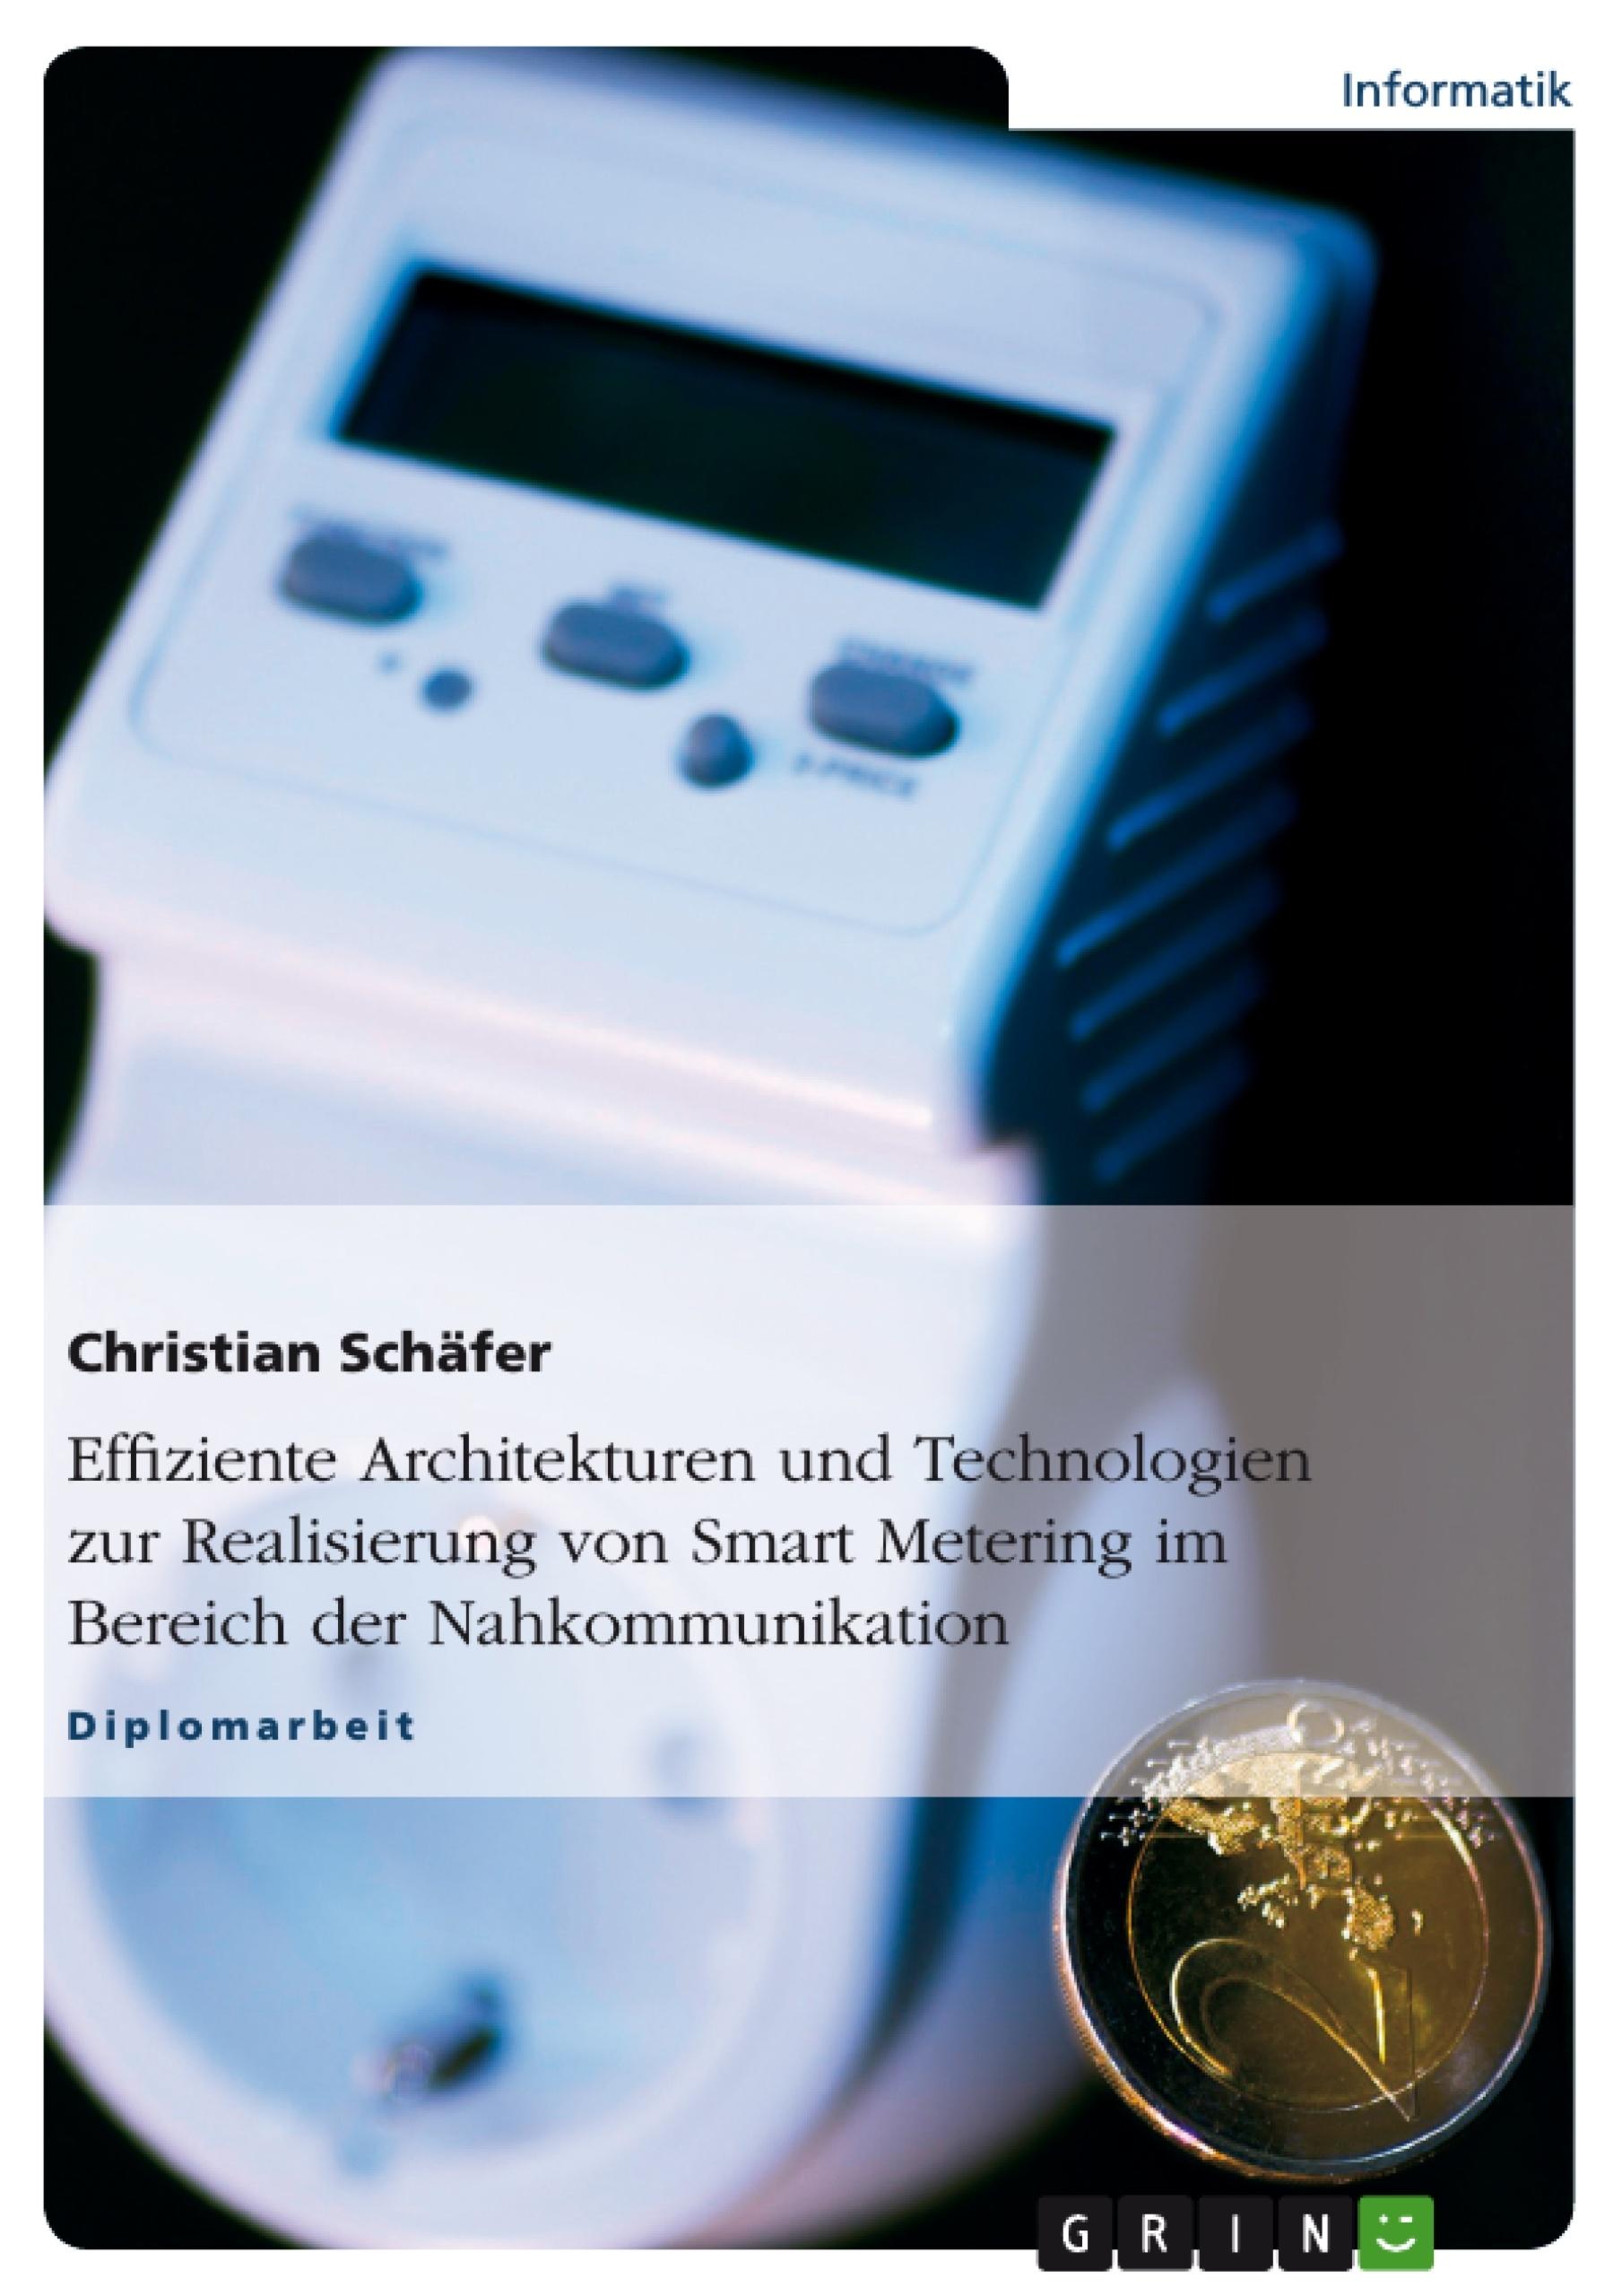 Titel: Effiziente Architekturen und Technologien zur Realisierung von Smart Metering im Bereich der Nahkommunikation